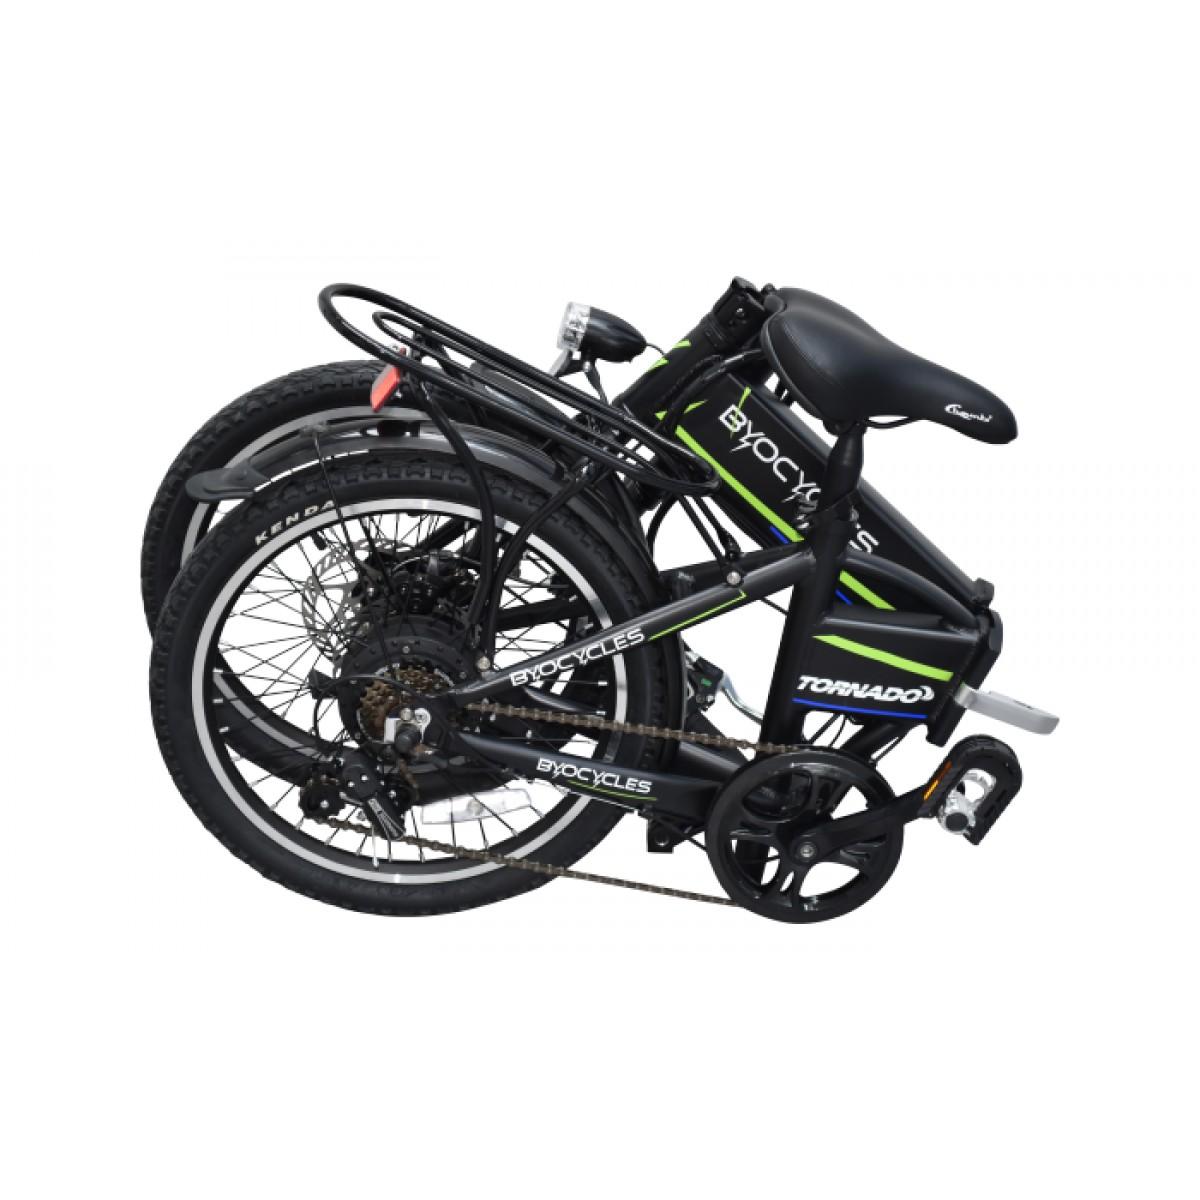 Tornado Electric Folding E Bike